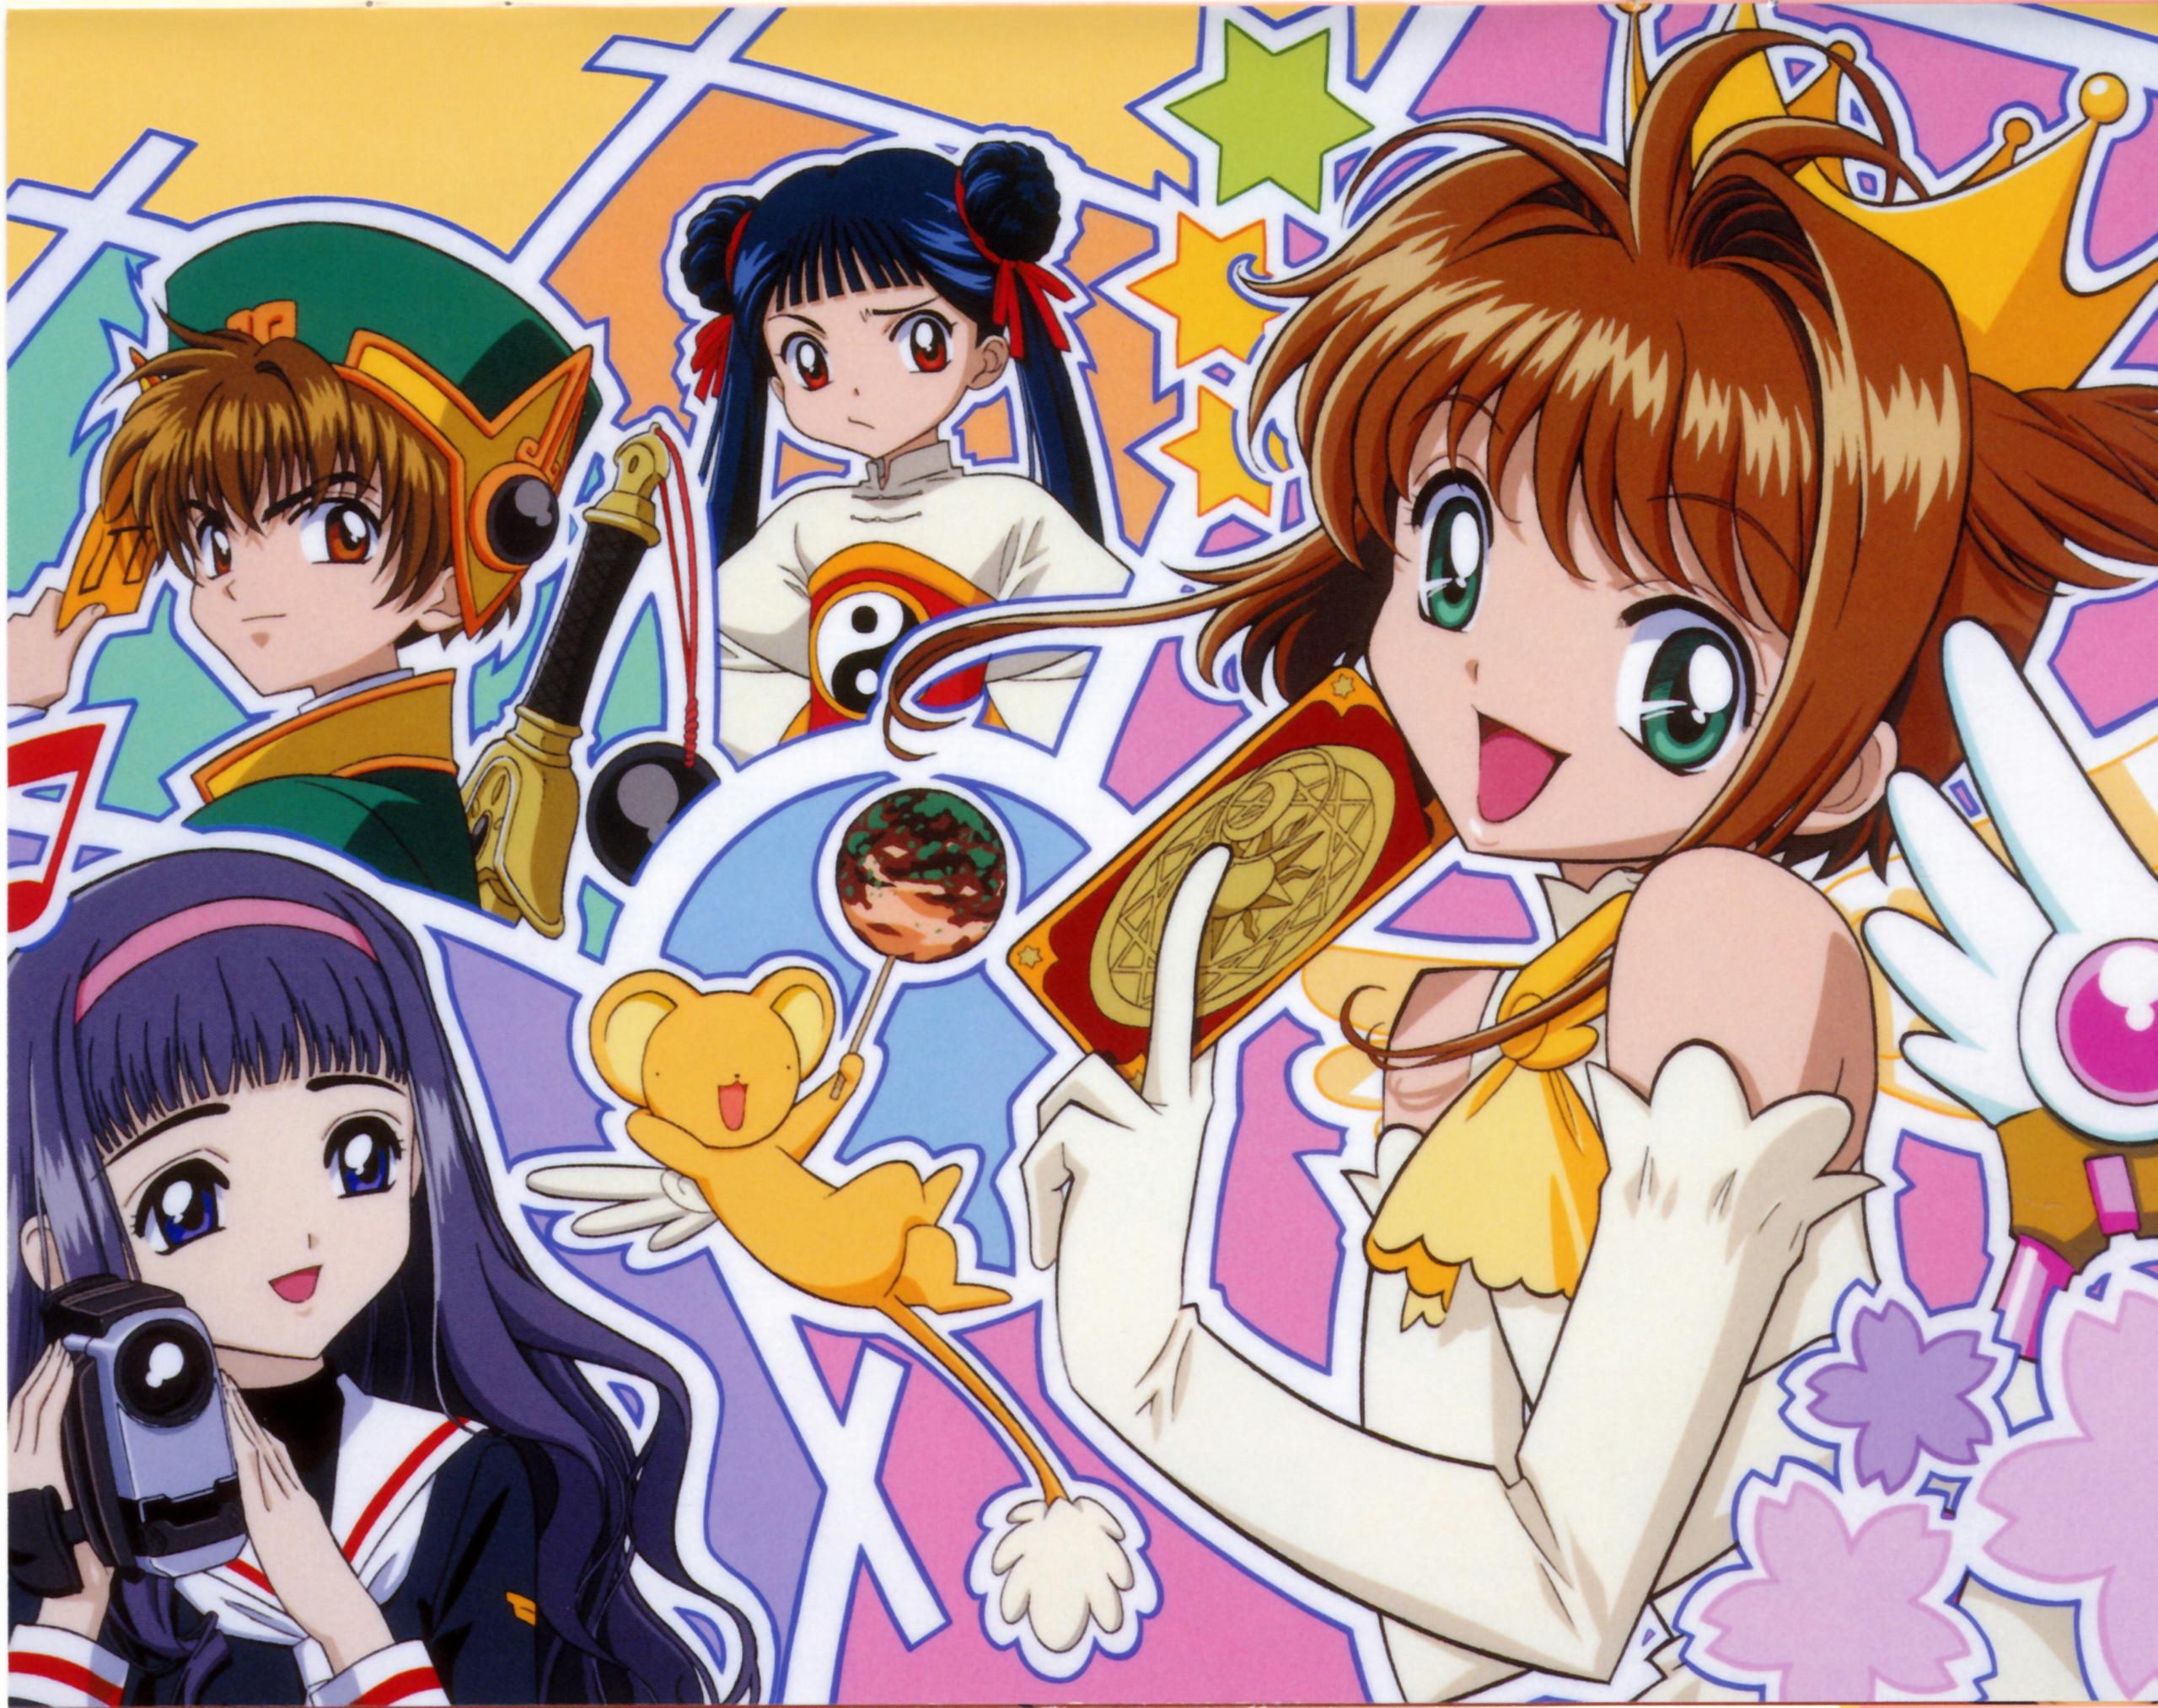 Những nhân vật trong bộ phim Sakura ấn tượng và đẹp nhất